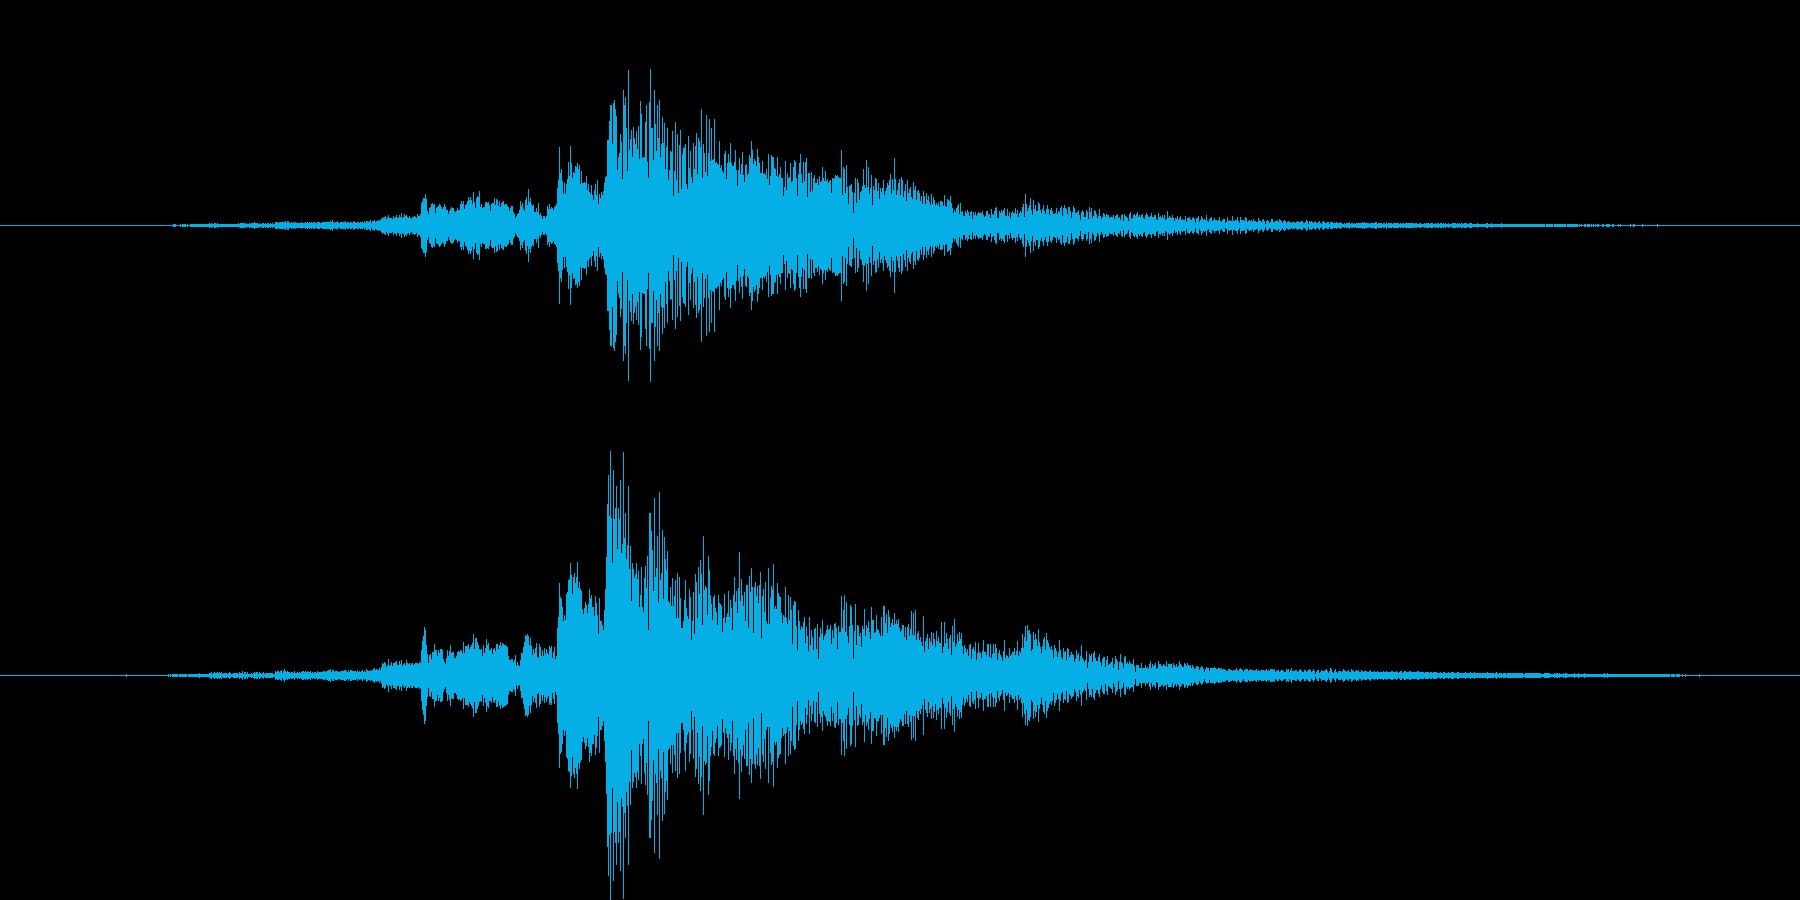 カギを入手した音・チャキッという金属音2の再生済みの波形